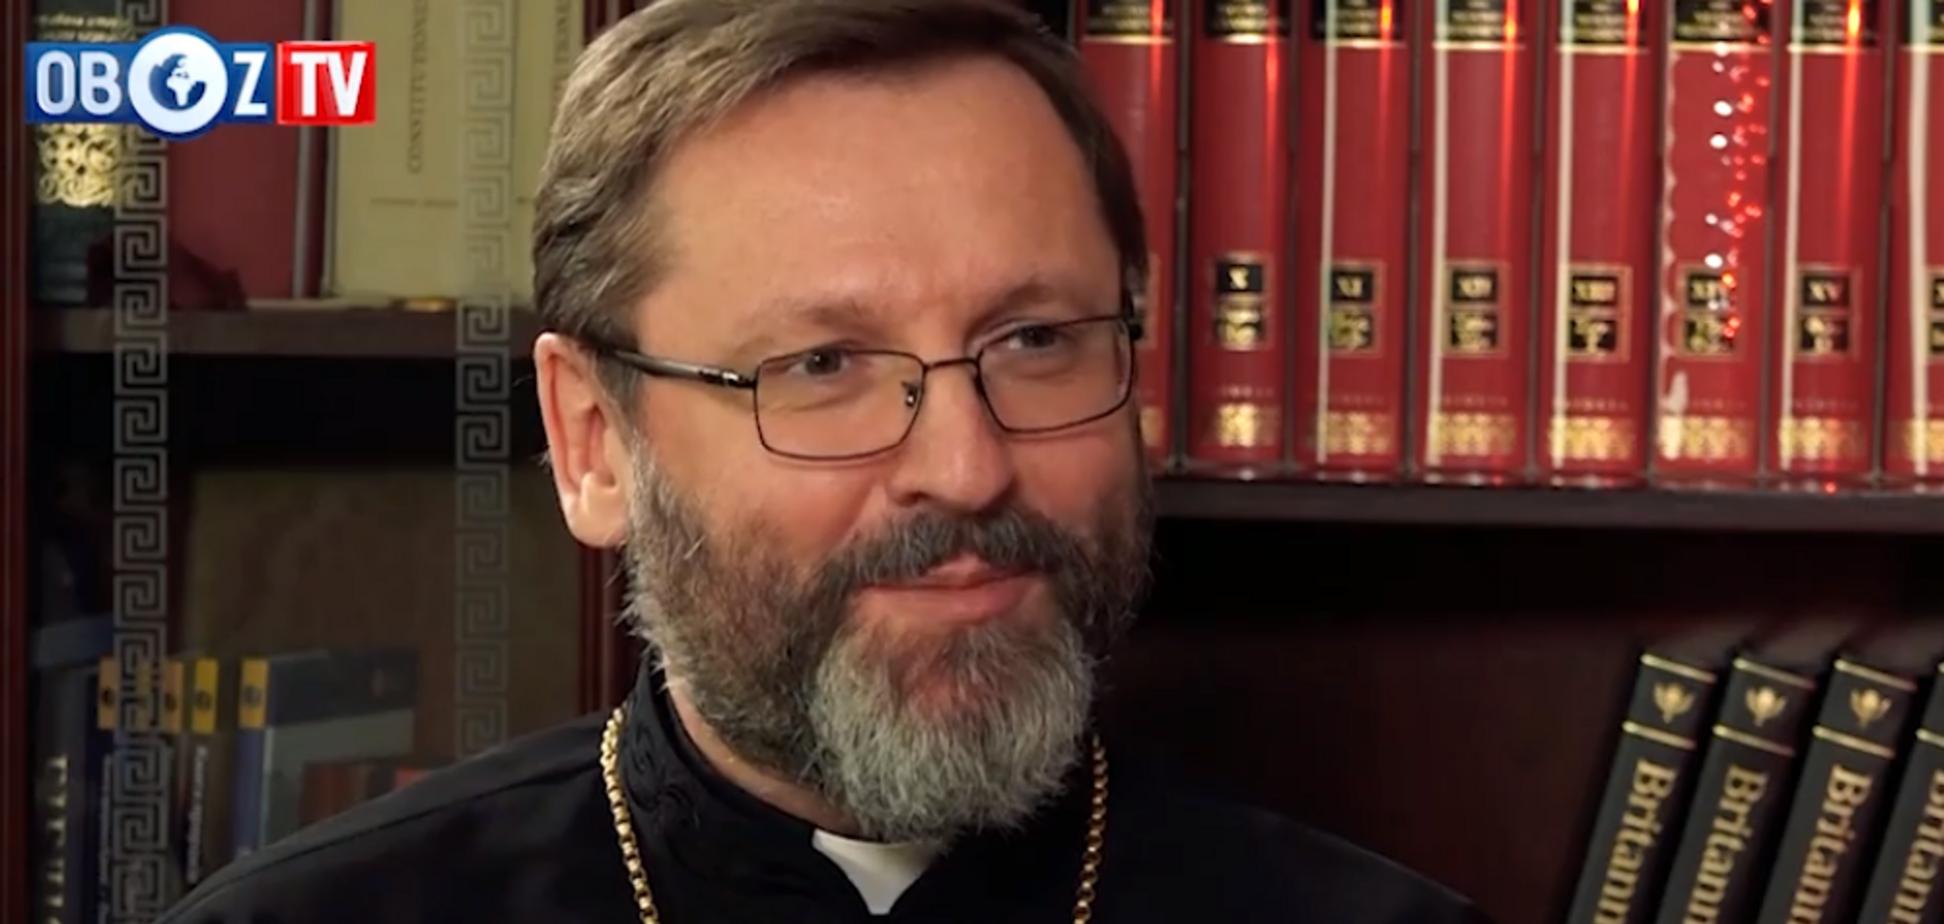 'Русскій мір' хоче привласнити християнське київське коріння — глава УГКЦ